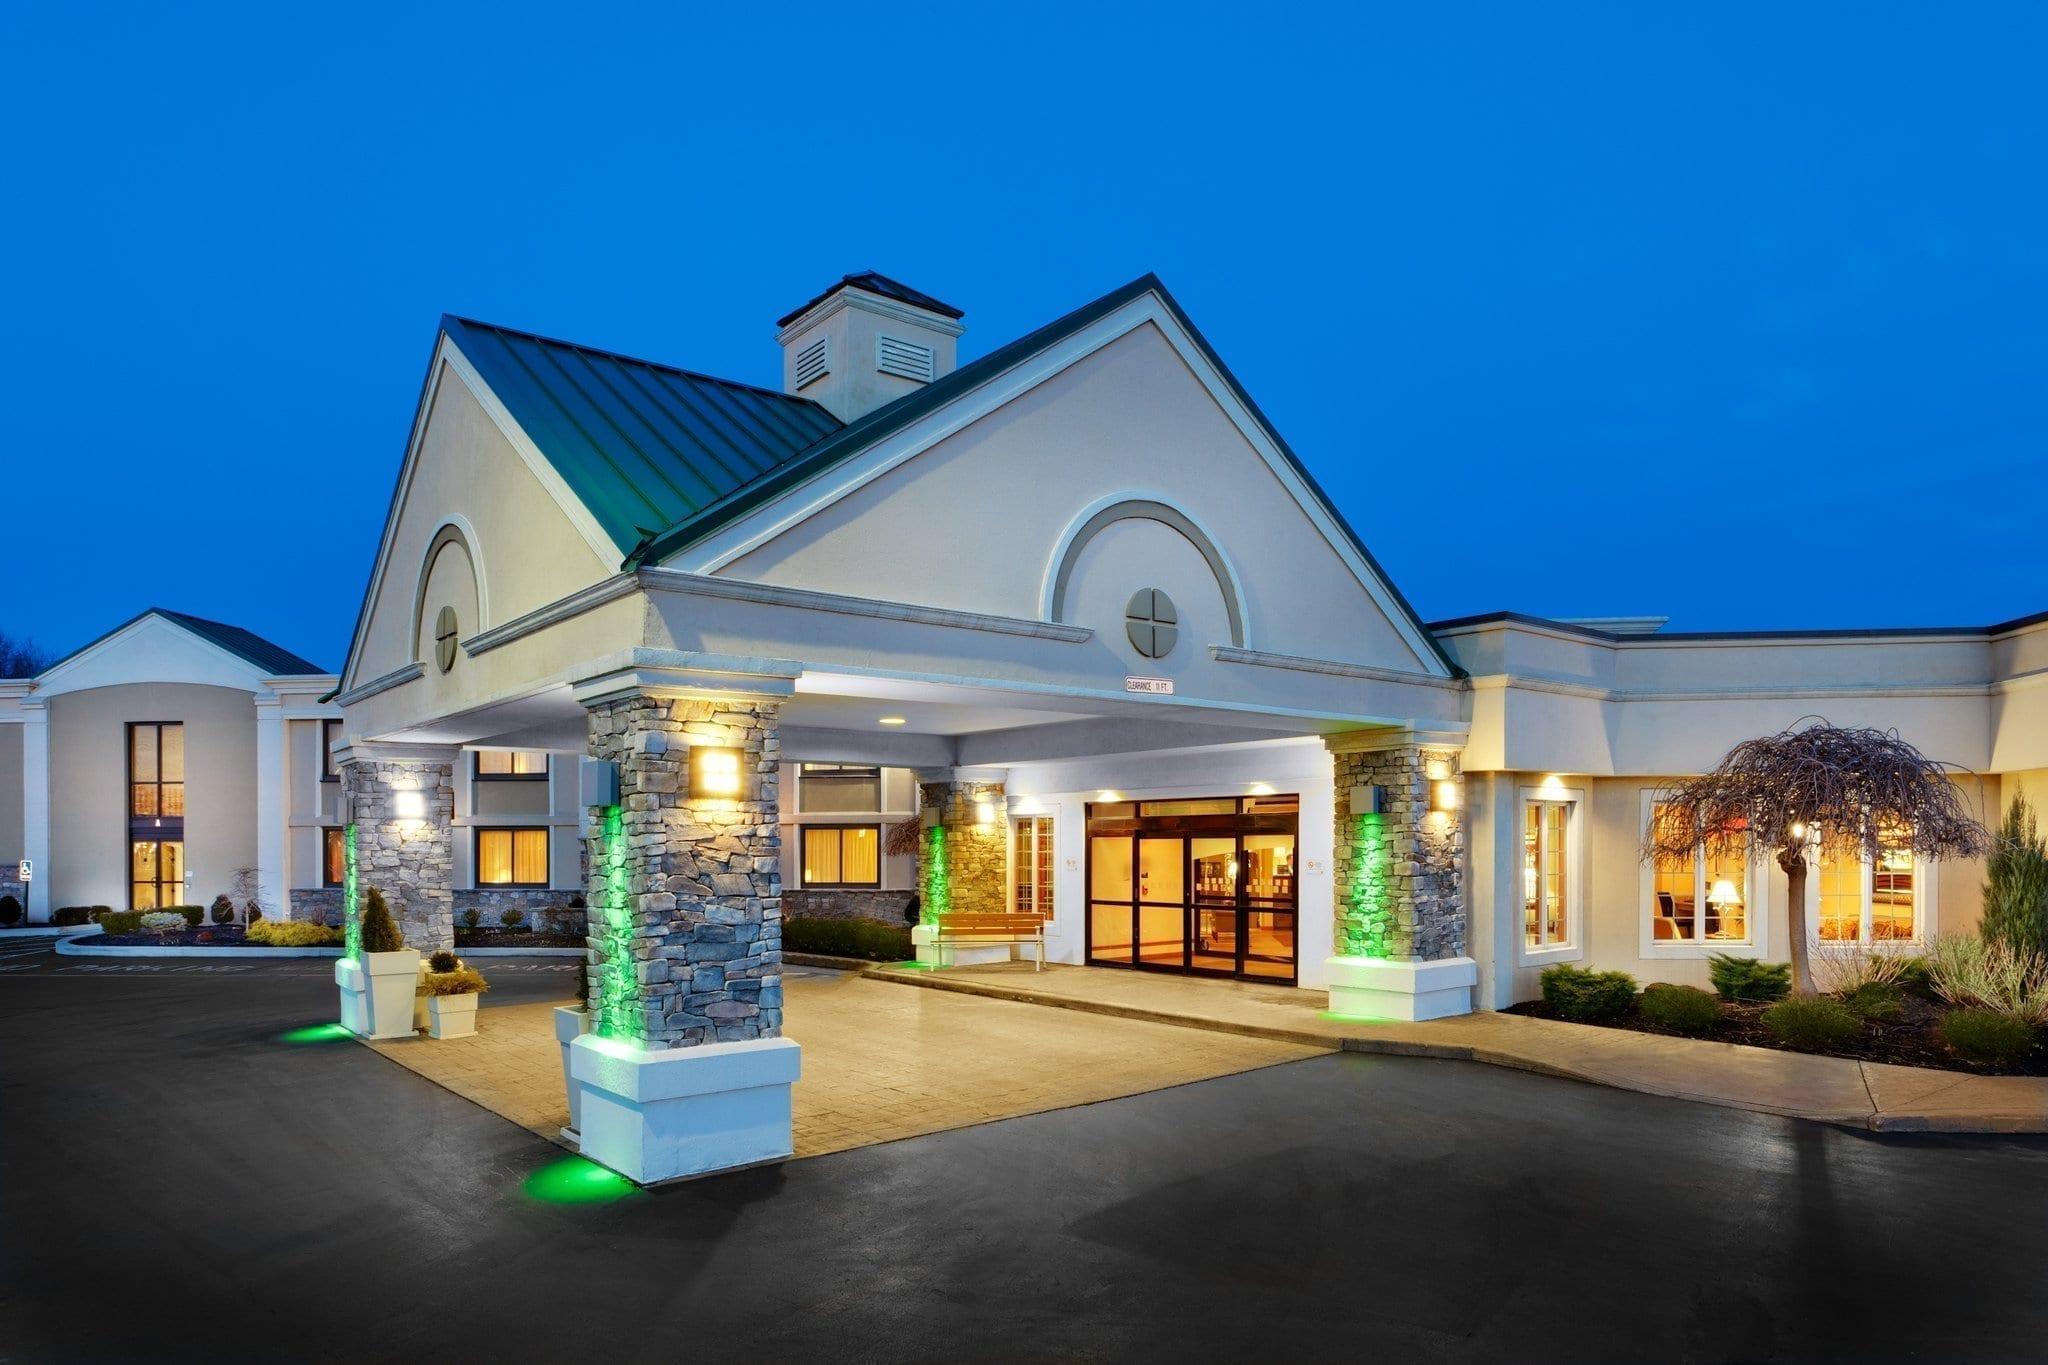 Holiday Inn Express, Lockport, NY